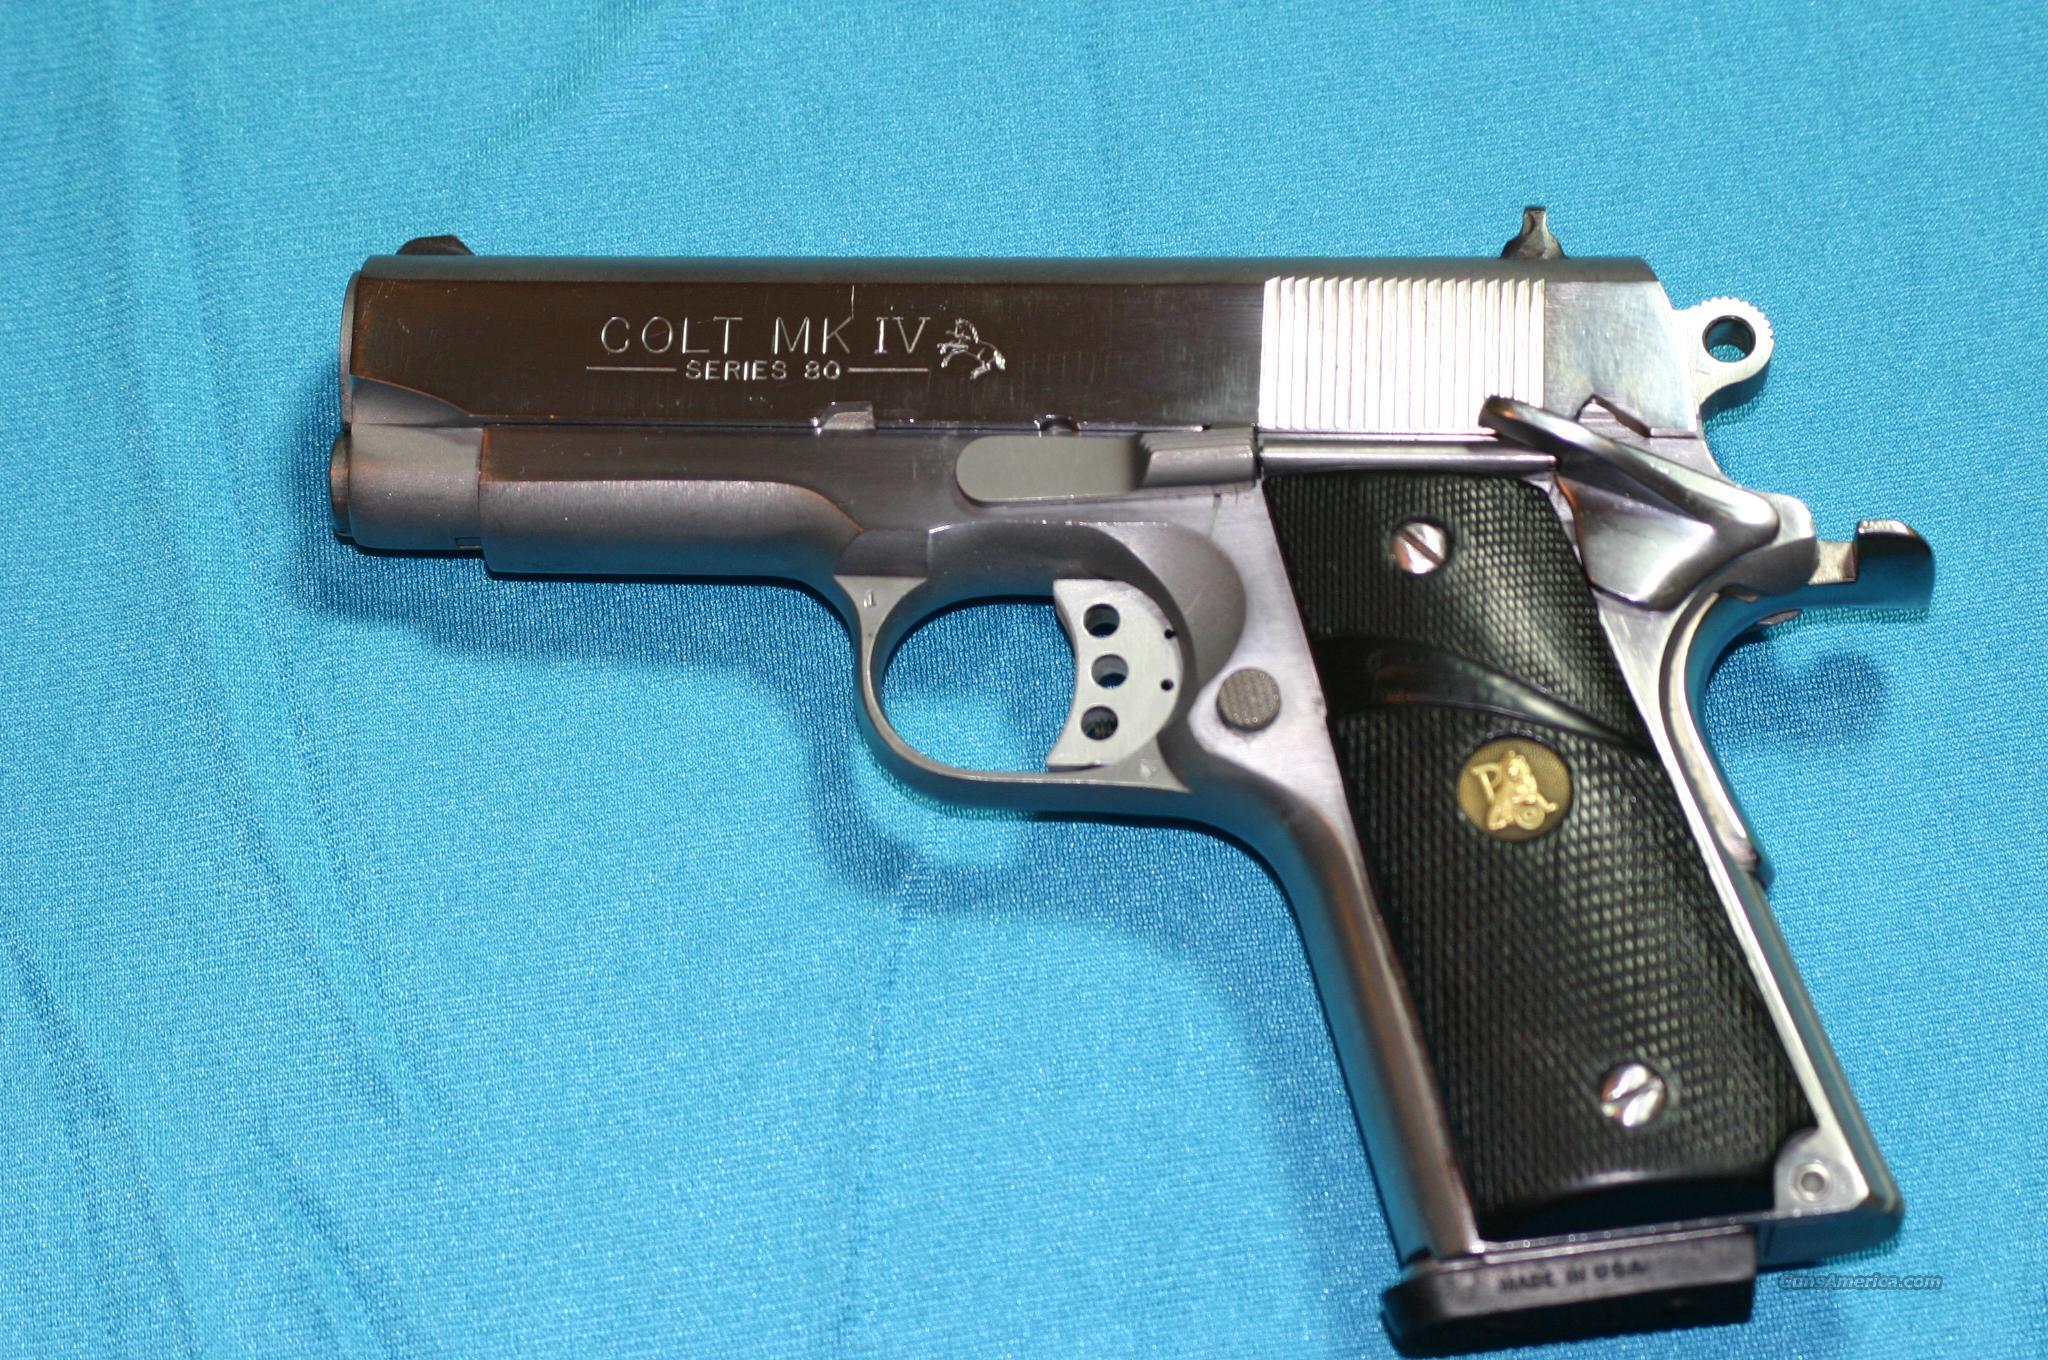 Colt mk iv series 80 serial number dating 3